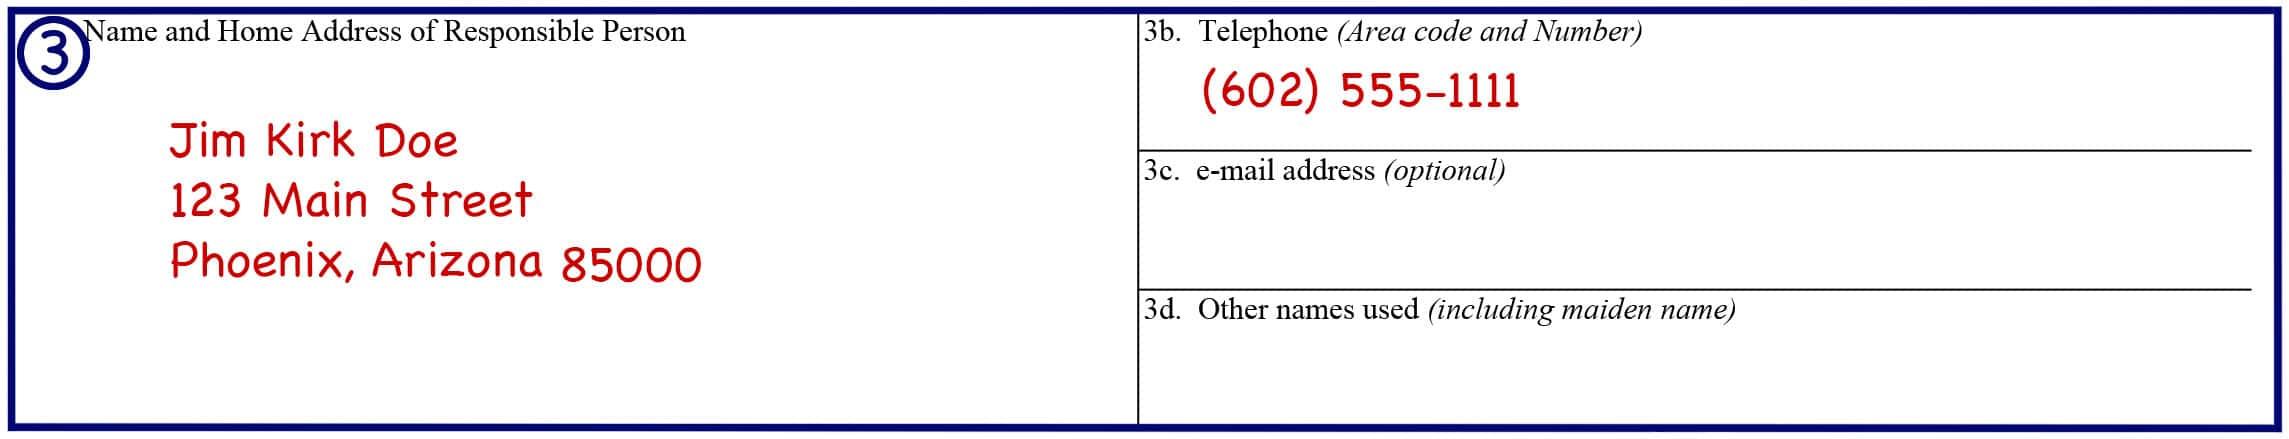 Form 23 Boxes 3a-d